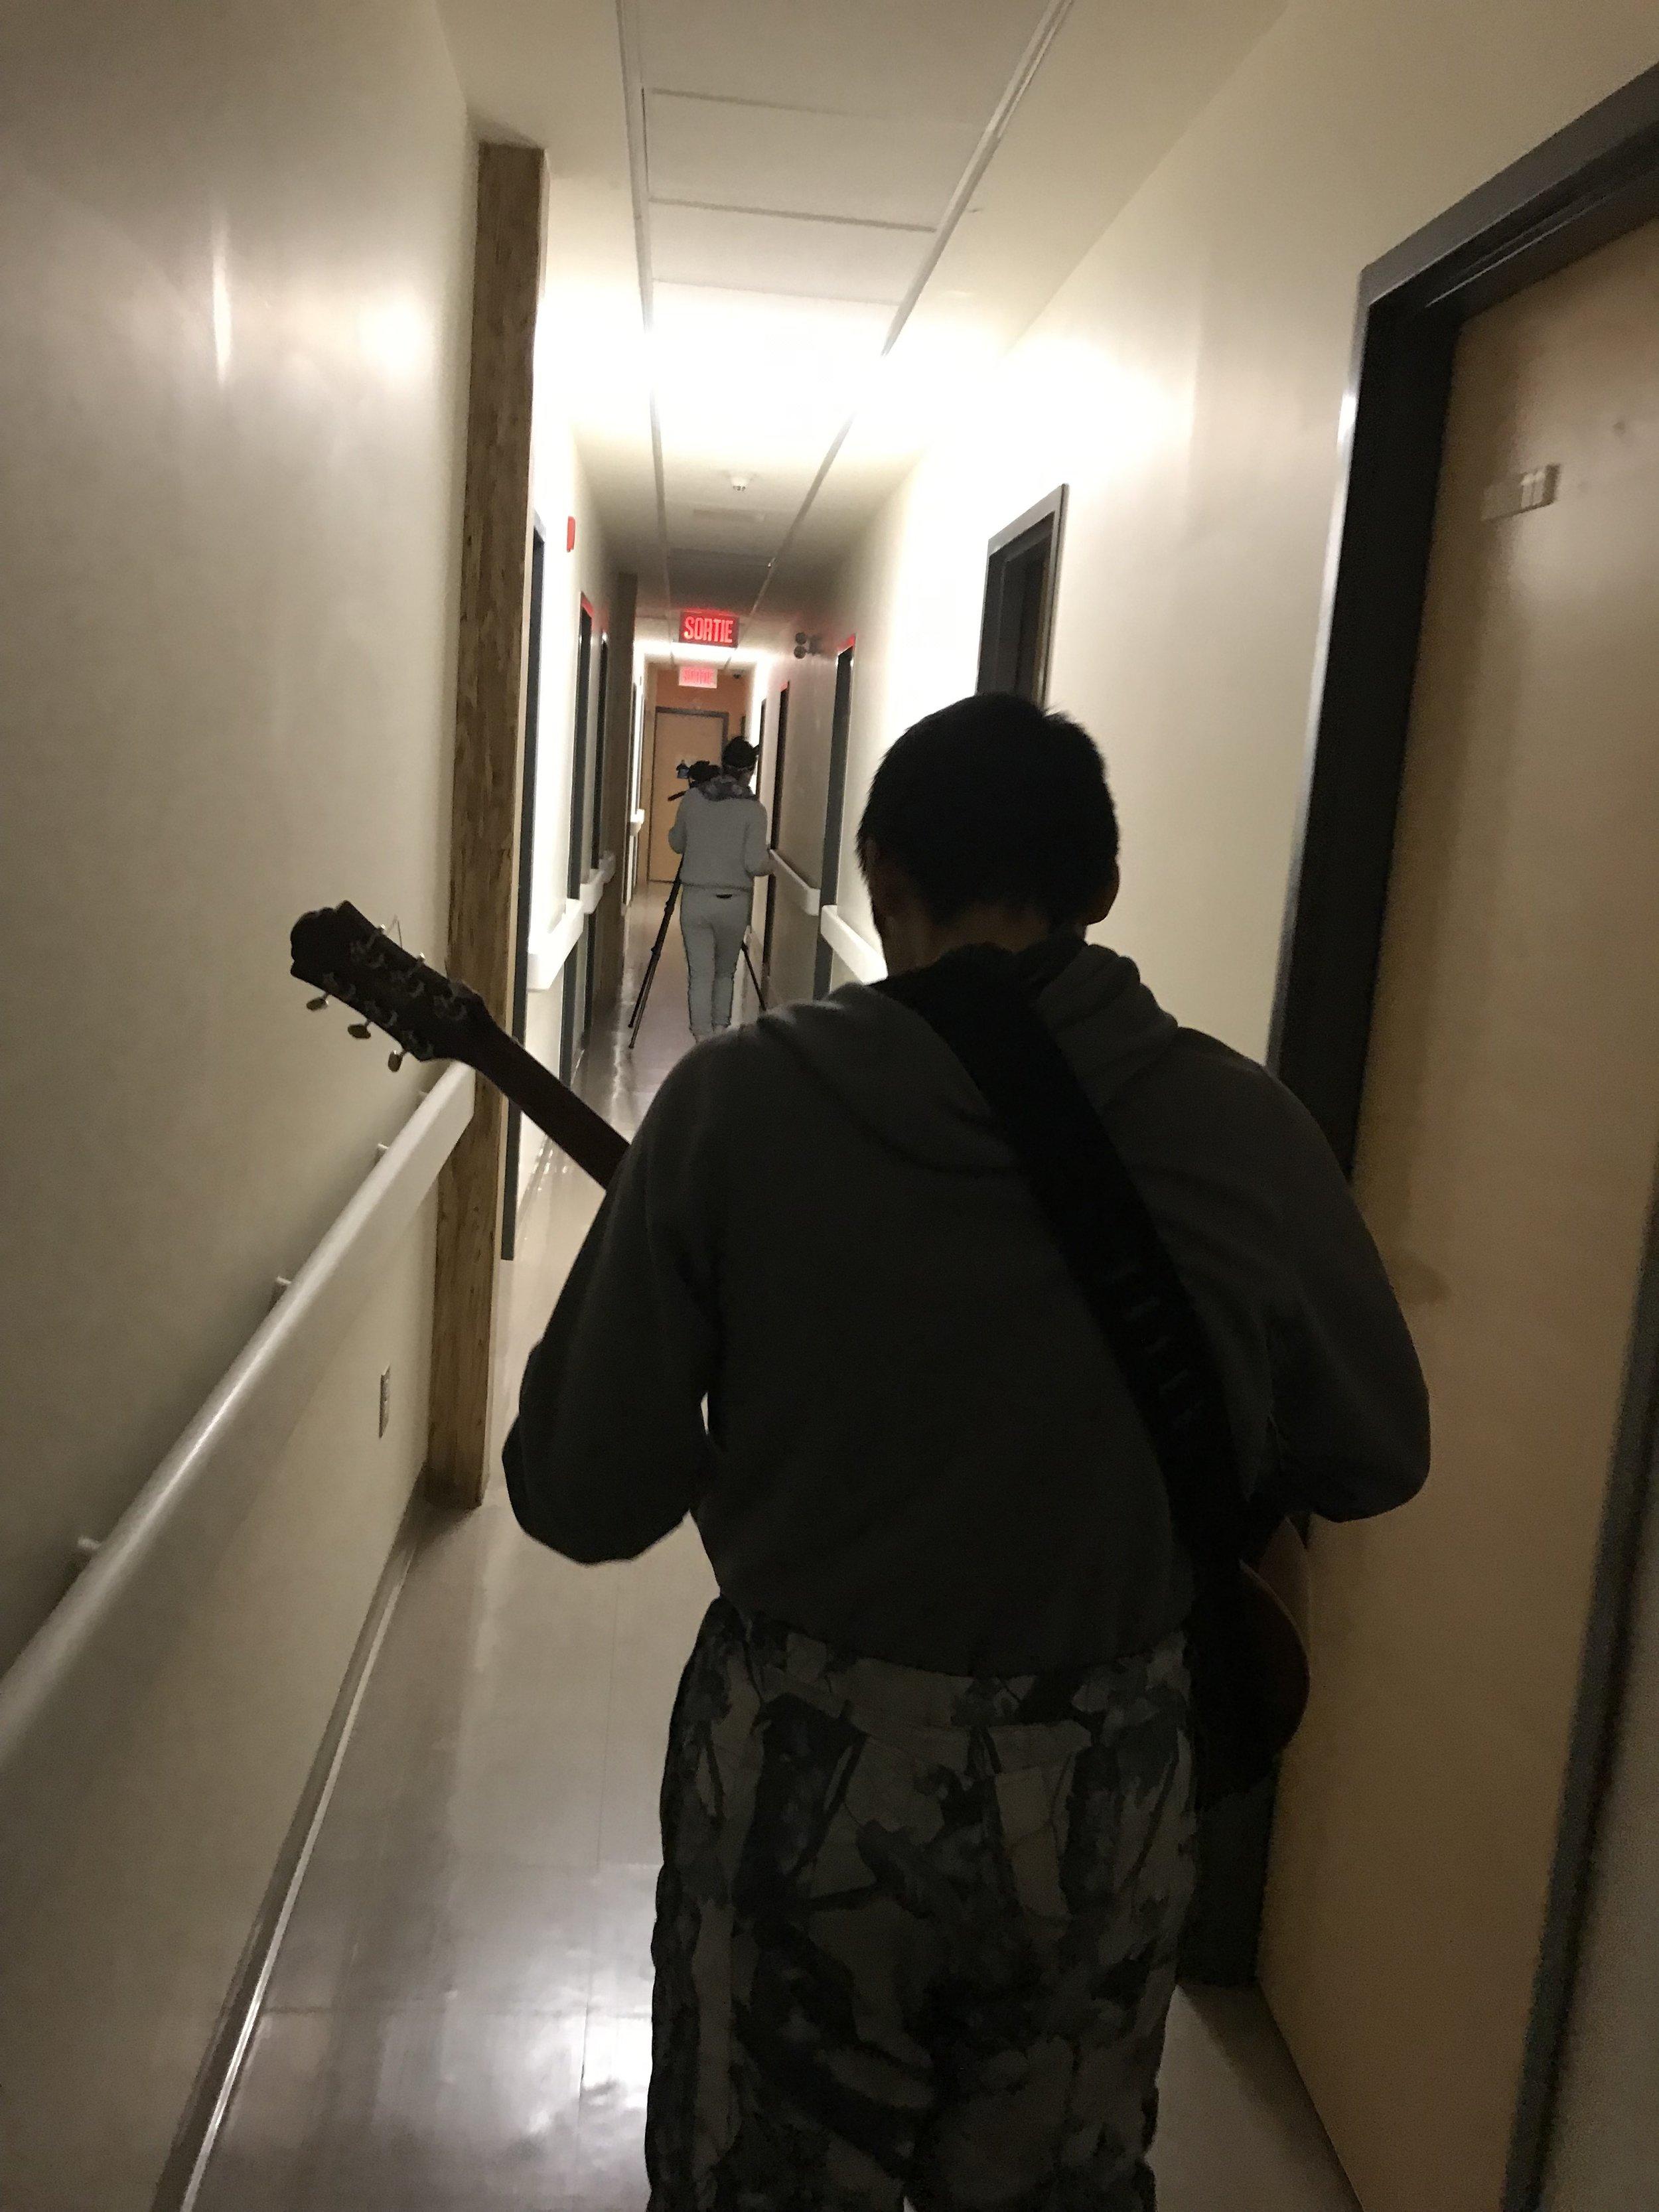 Adamie serenades our walk down the hallway